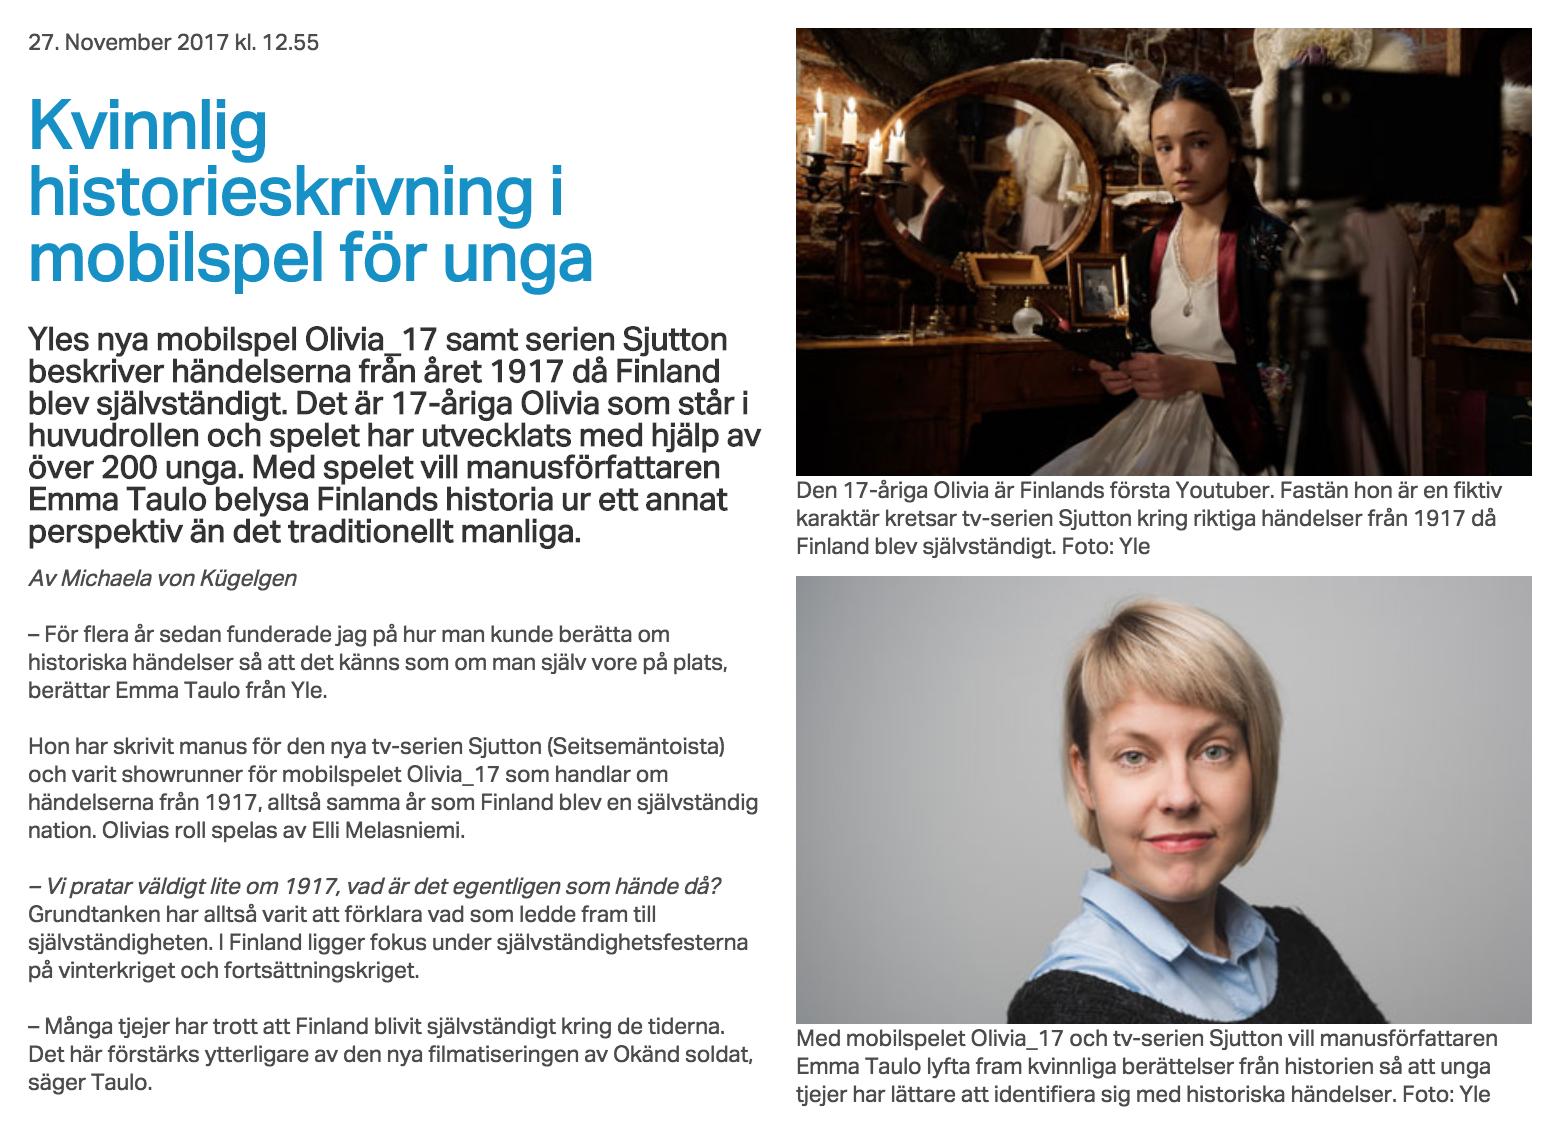 - Nordvision 27.11.2017: Kvinnlig historieskrivning i mobilspel för unga